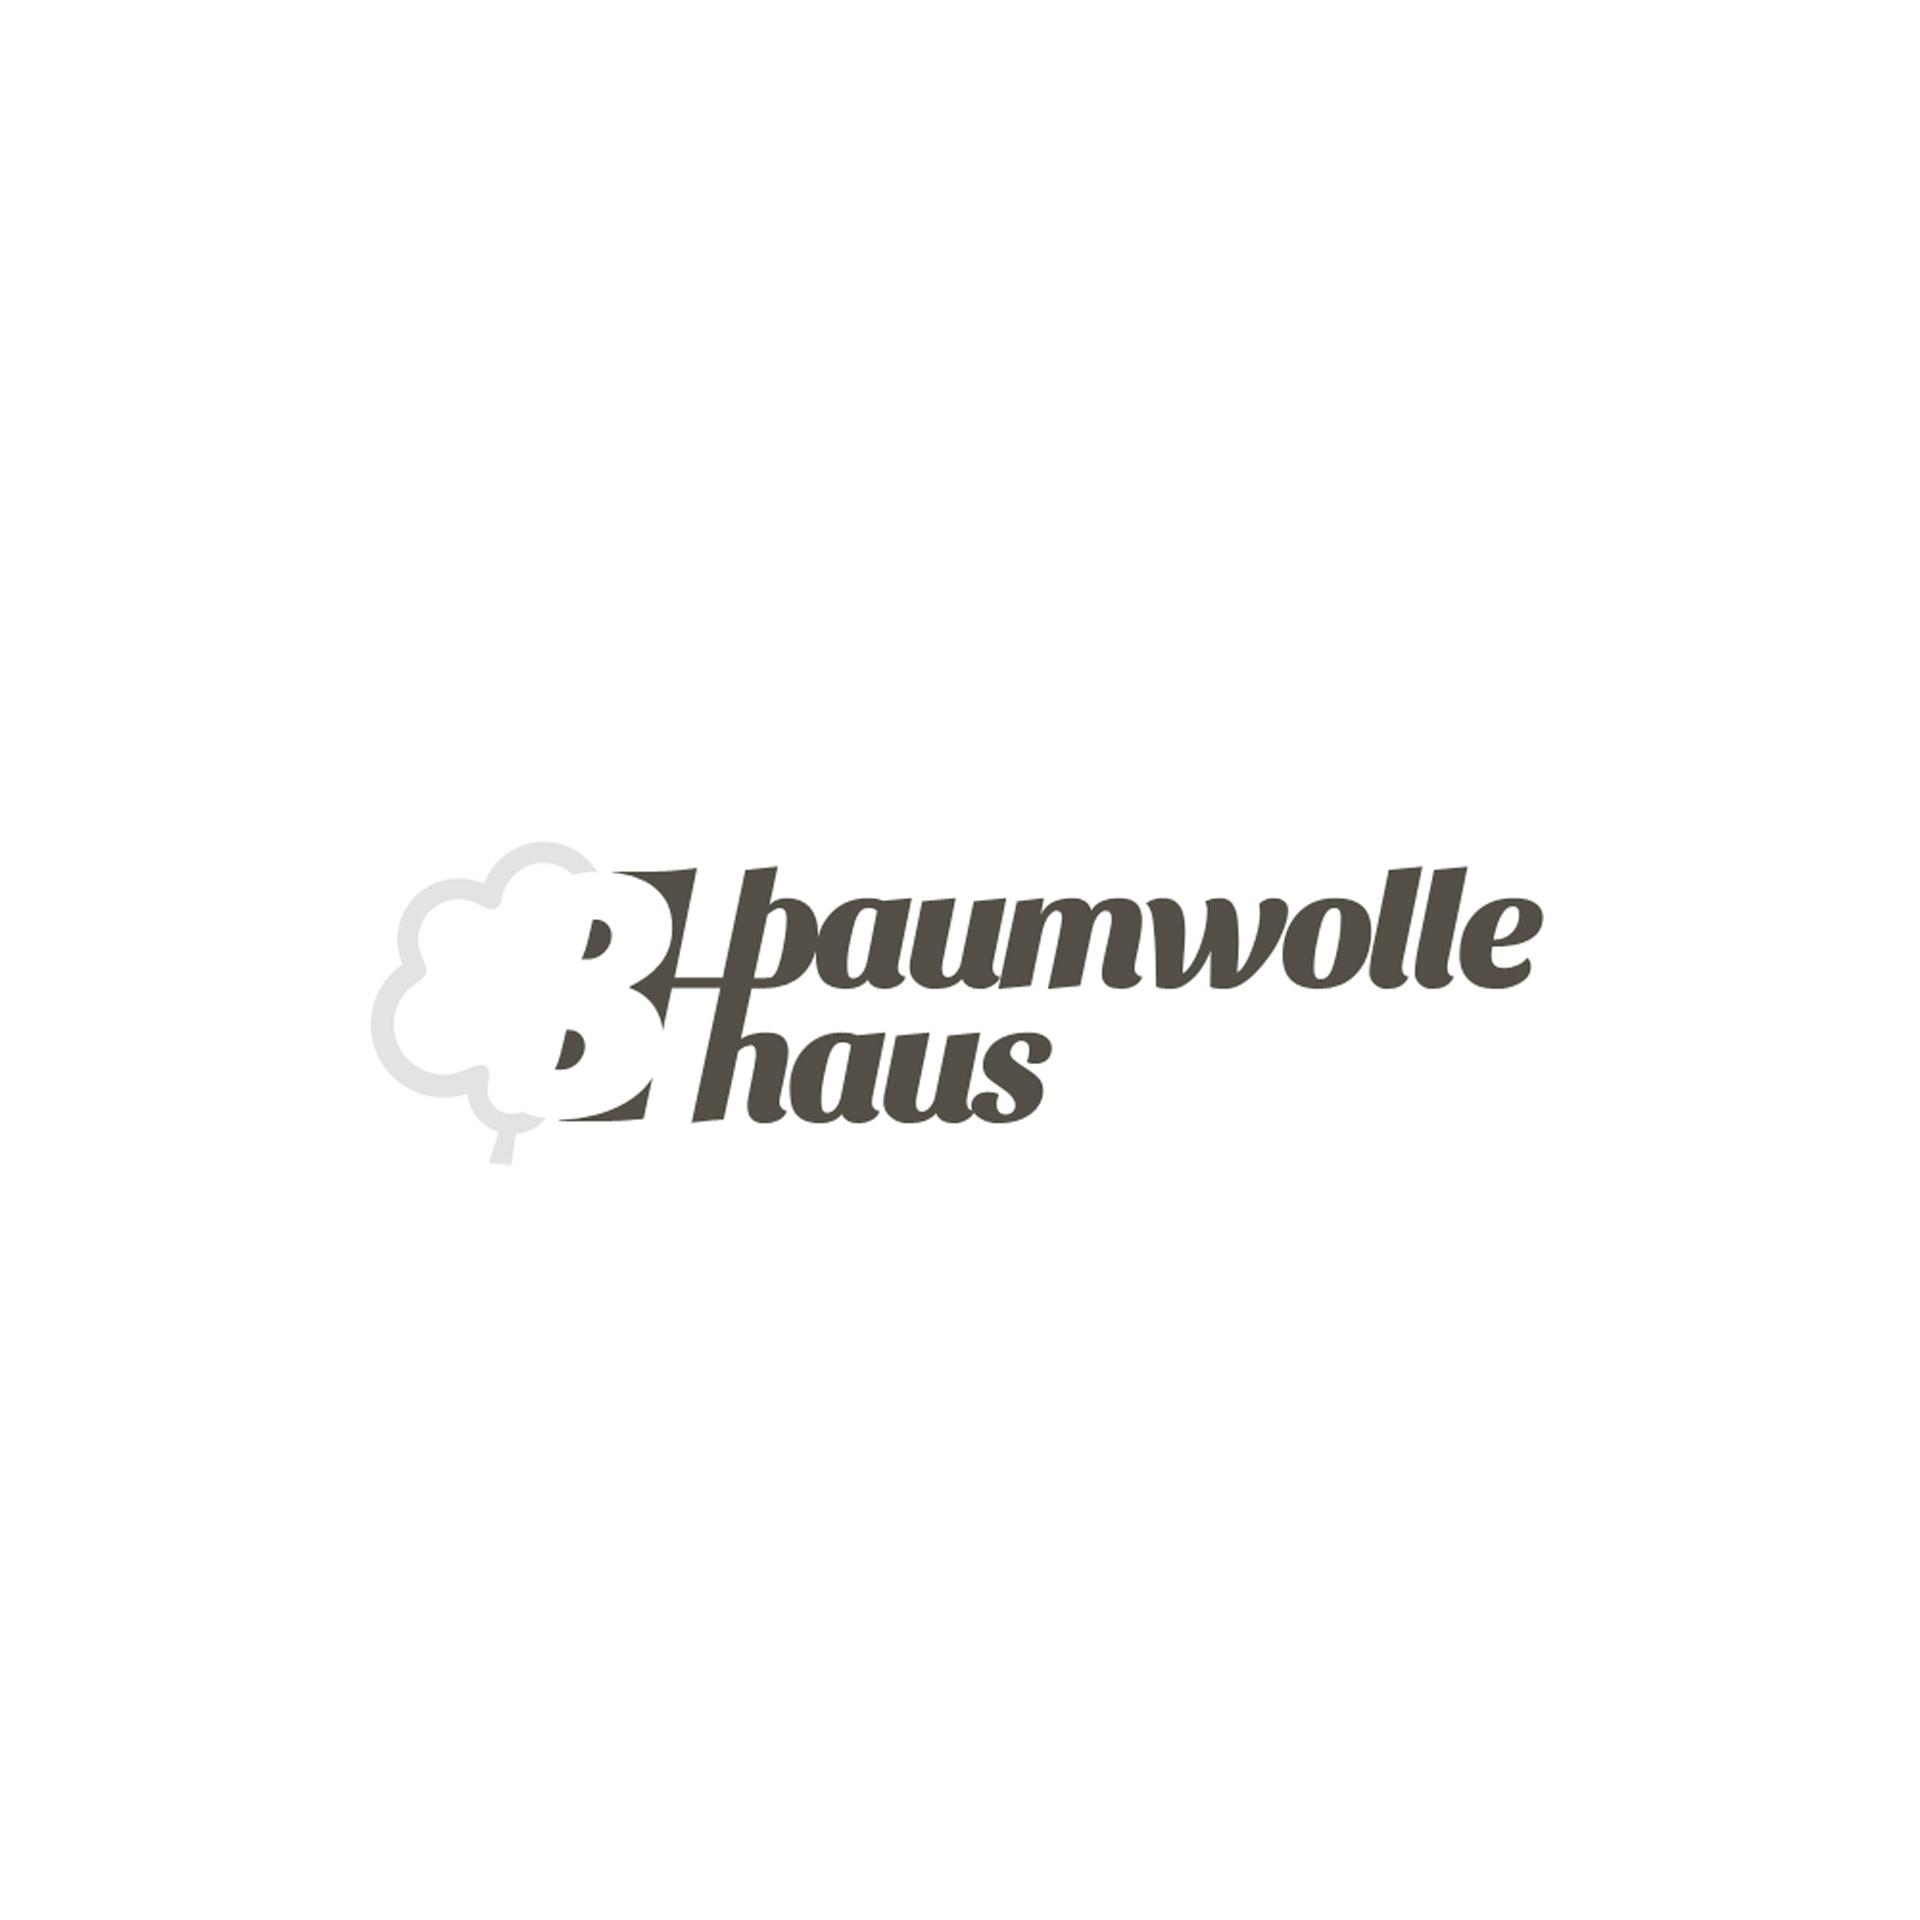 Baumwolle haus